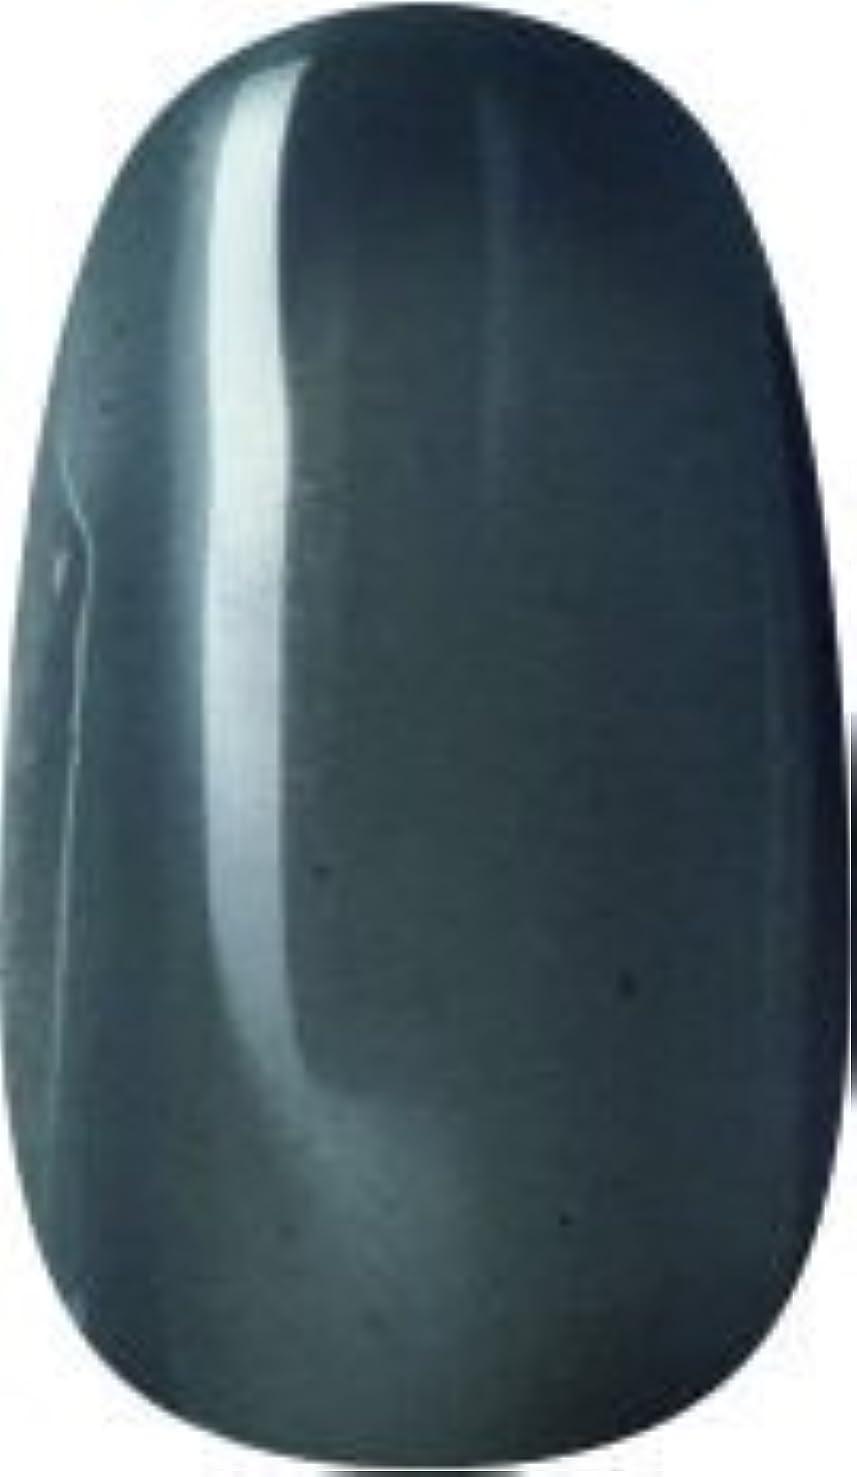 天井苗遠洋のラク カラージェル(66-クリアブラック)8g 今話題のラクジェル 素早く仕上カラージェル 抜群の発色とツヤ 国産ポリッシュタイプ オールインワン ワンステップジェルネイル RAKU COLOR GEL #66